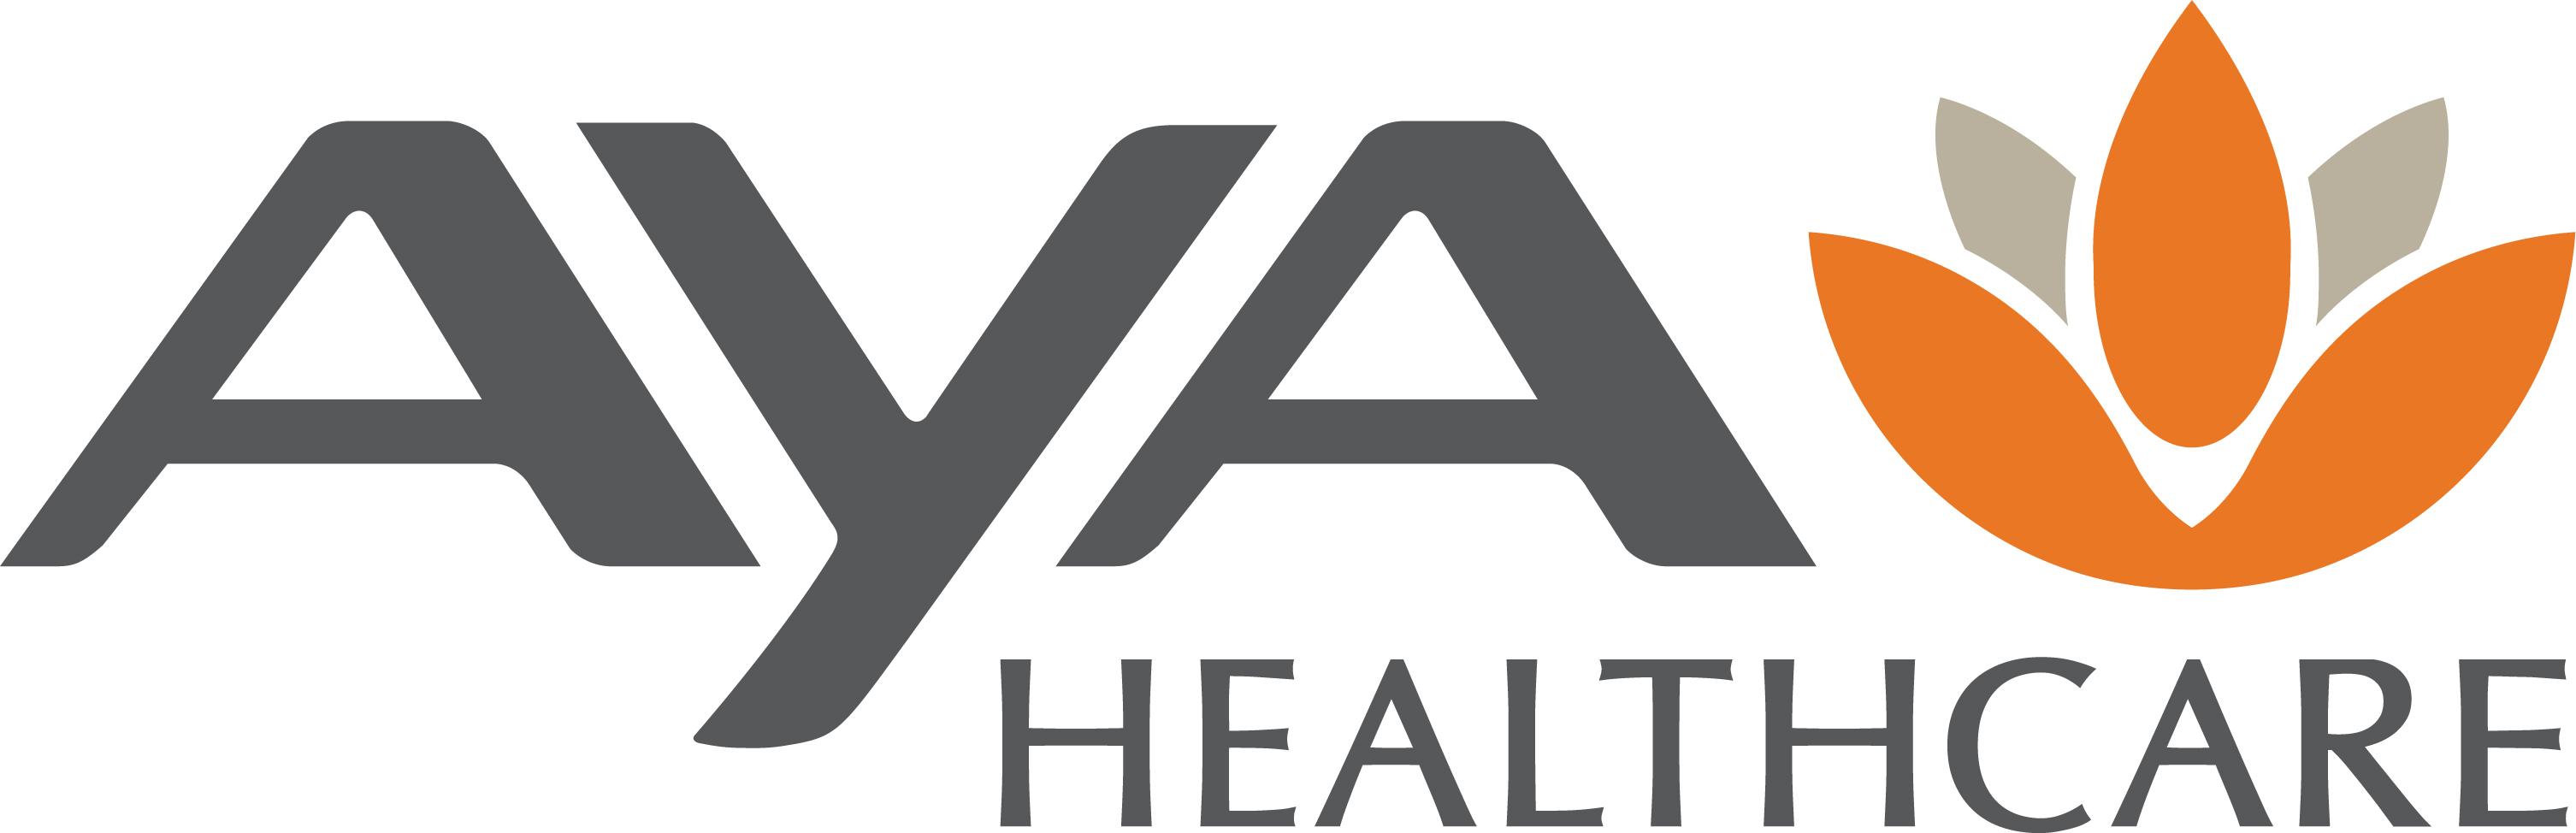 Aya Healthcare Company Logo